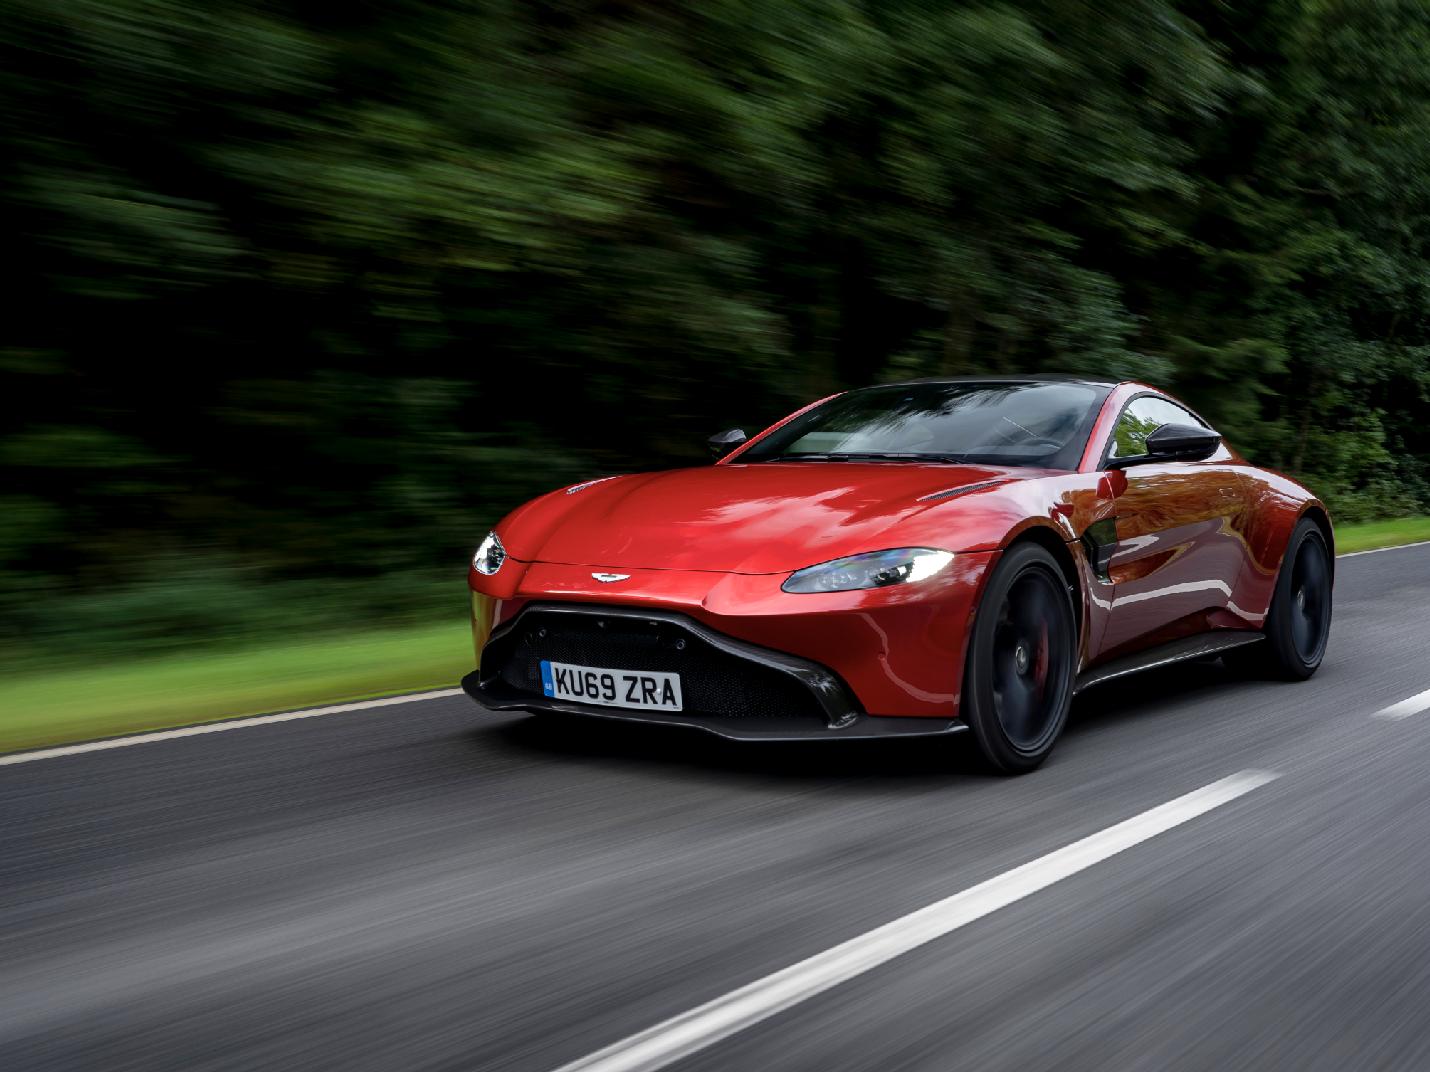 Aston Martin specialist mcgurk